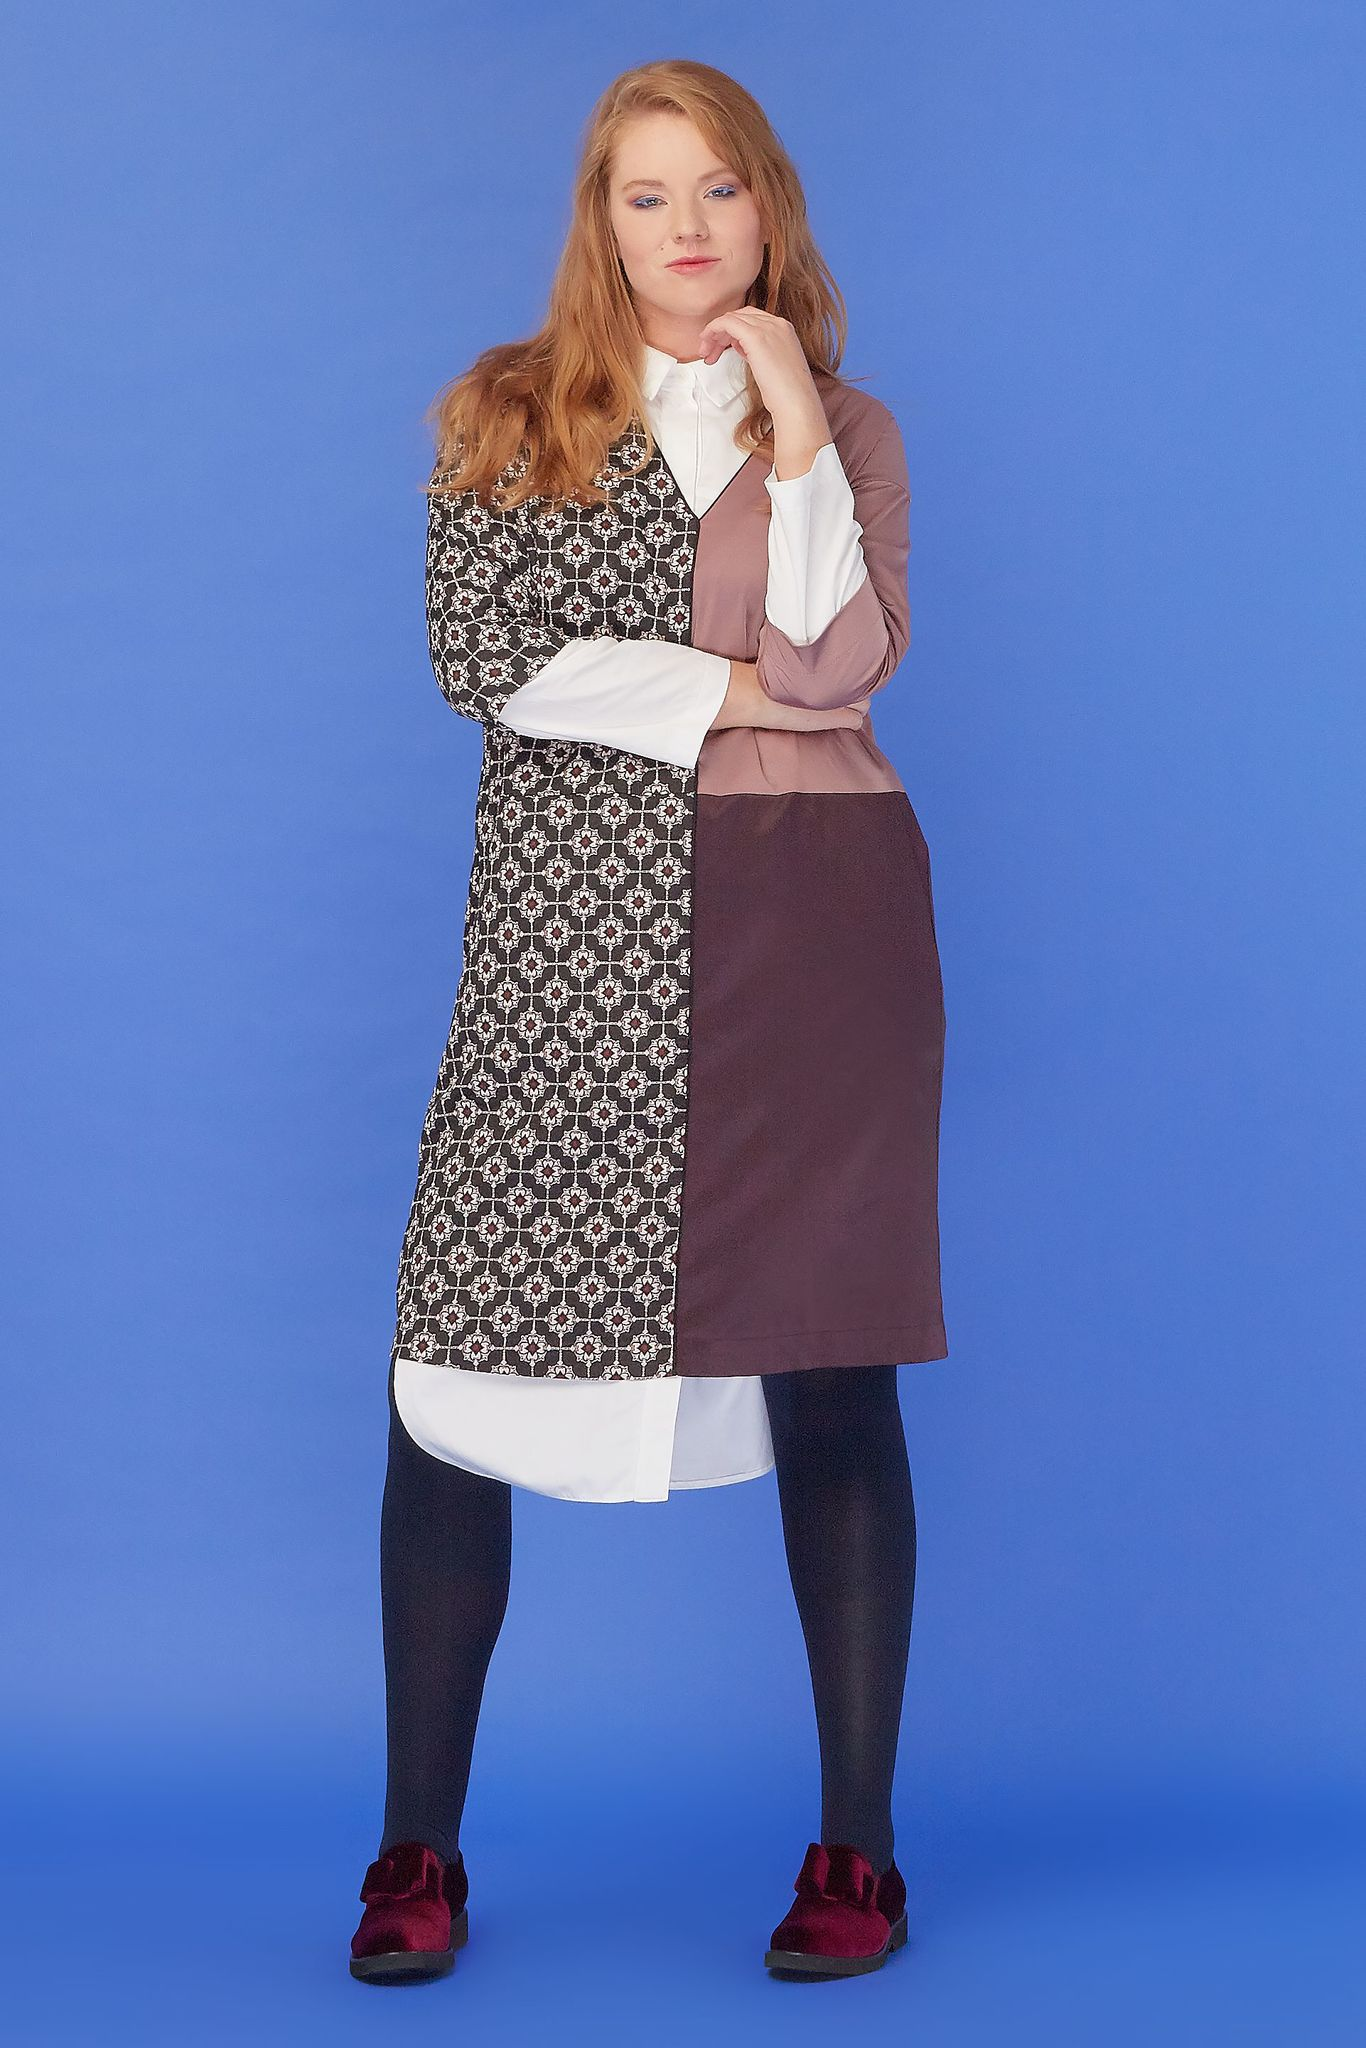 Платье-туника LE-08 T01 98/19Сейчас покупают<br>Туника , выполненная в использованием техники пэчворк, с правильной геометрией линий и V-образным вырезом. Свободное прилегание, функциональные карманы, длина-чуть выше колена. Рекомендуем носить с брюками, юбкой и поверх рубашки (из нашей коллекции), создавая правильную многослойность. С любой обувью и аксессуарами, для всех случаев жизни. Рост модели на фото 179 см, размер - 52 российский.<br>